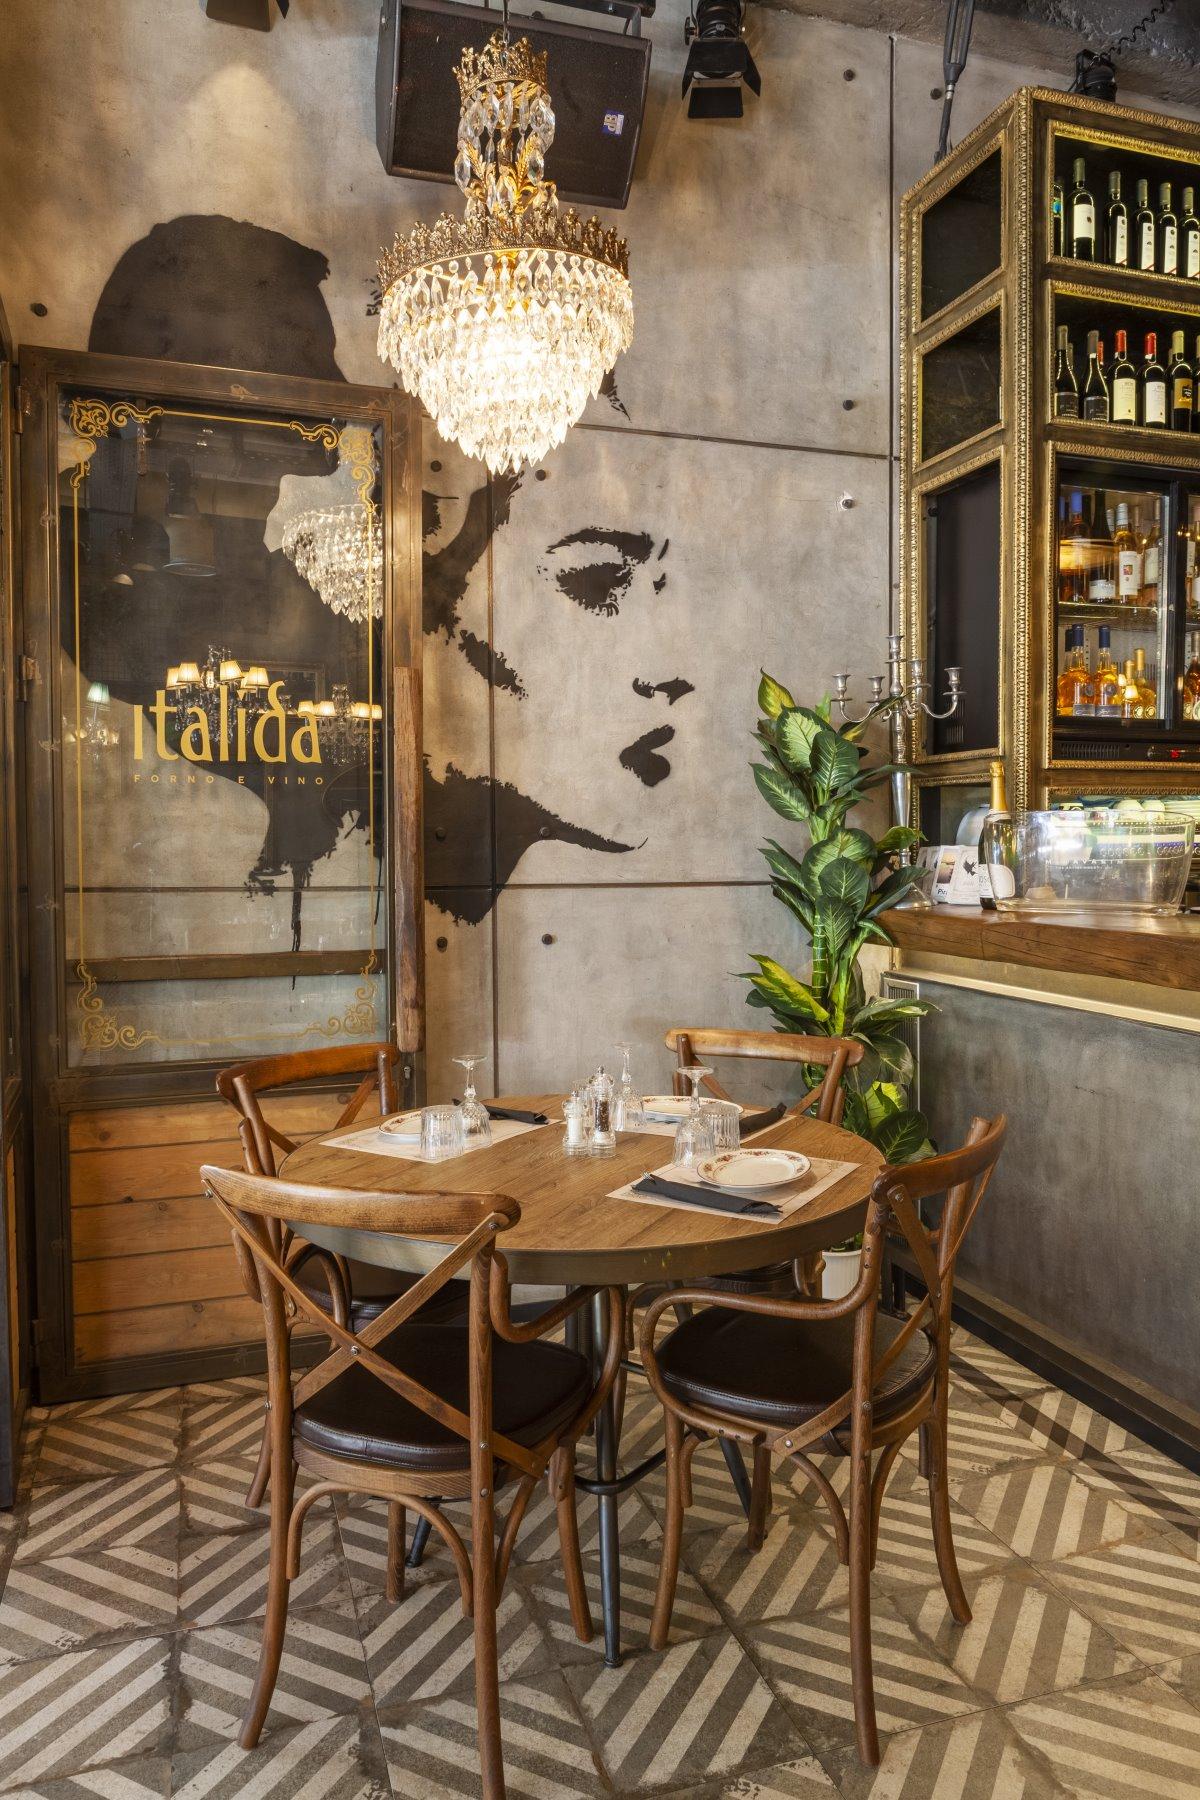 Μια όμορφη γωνιά στο εστιατόριο Italida στον Πειραιά